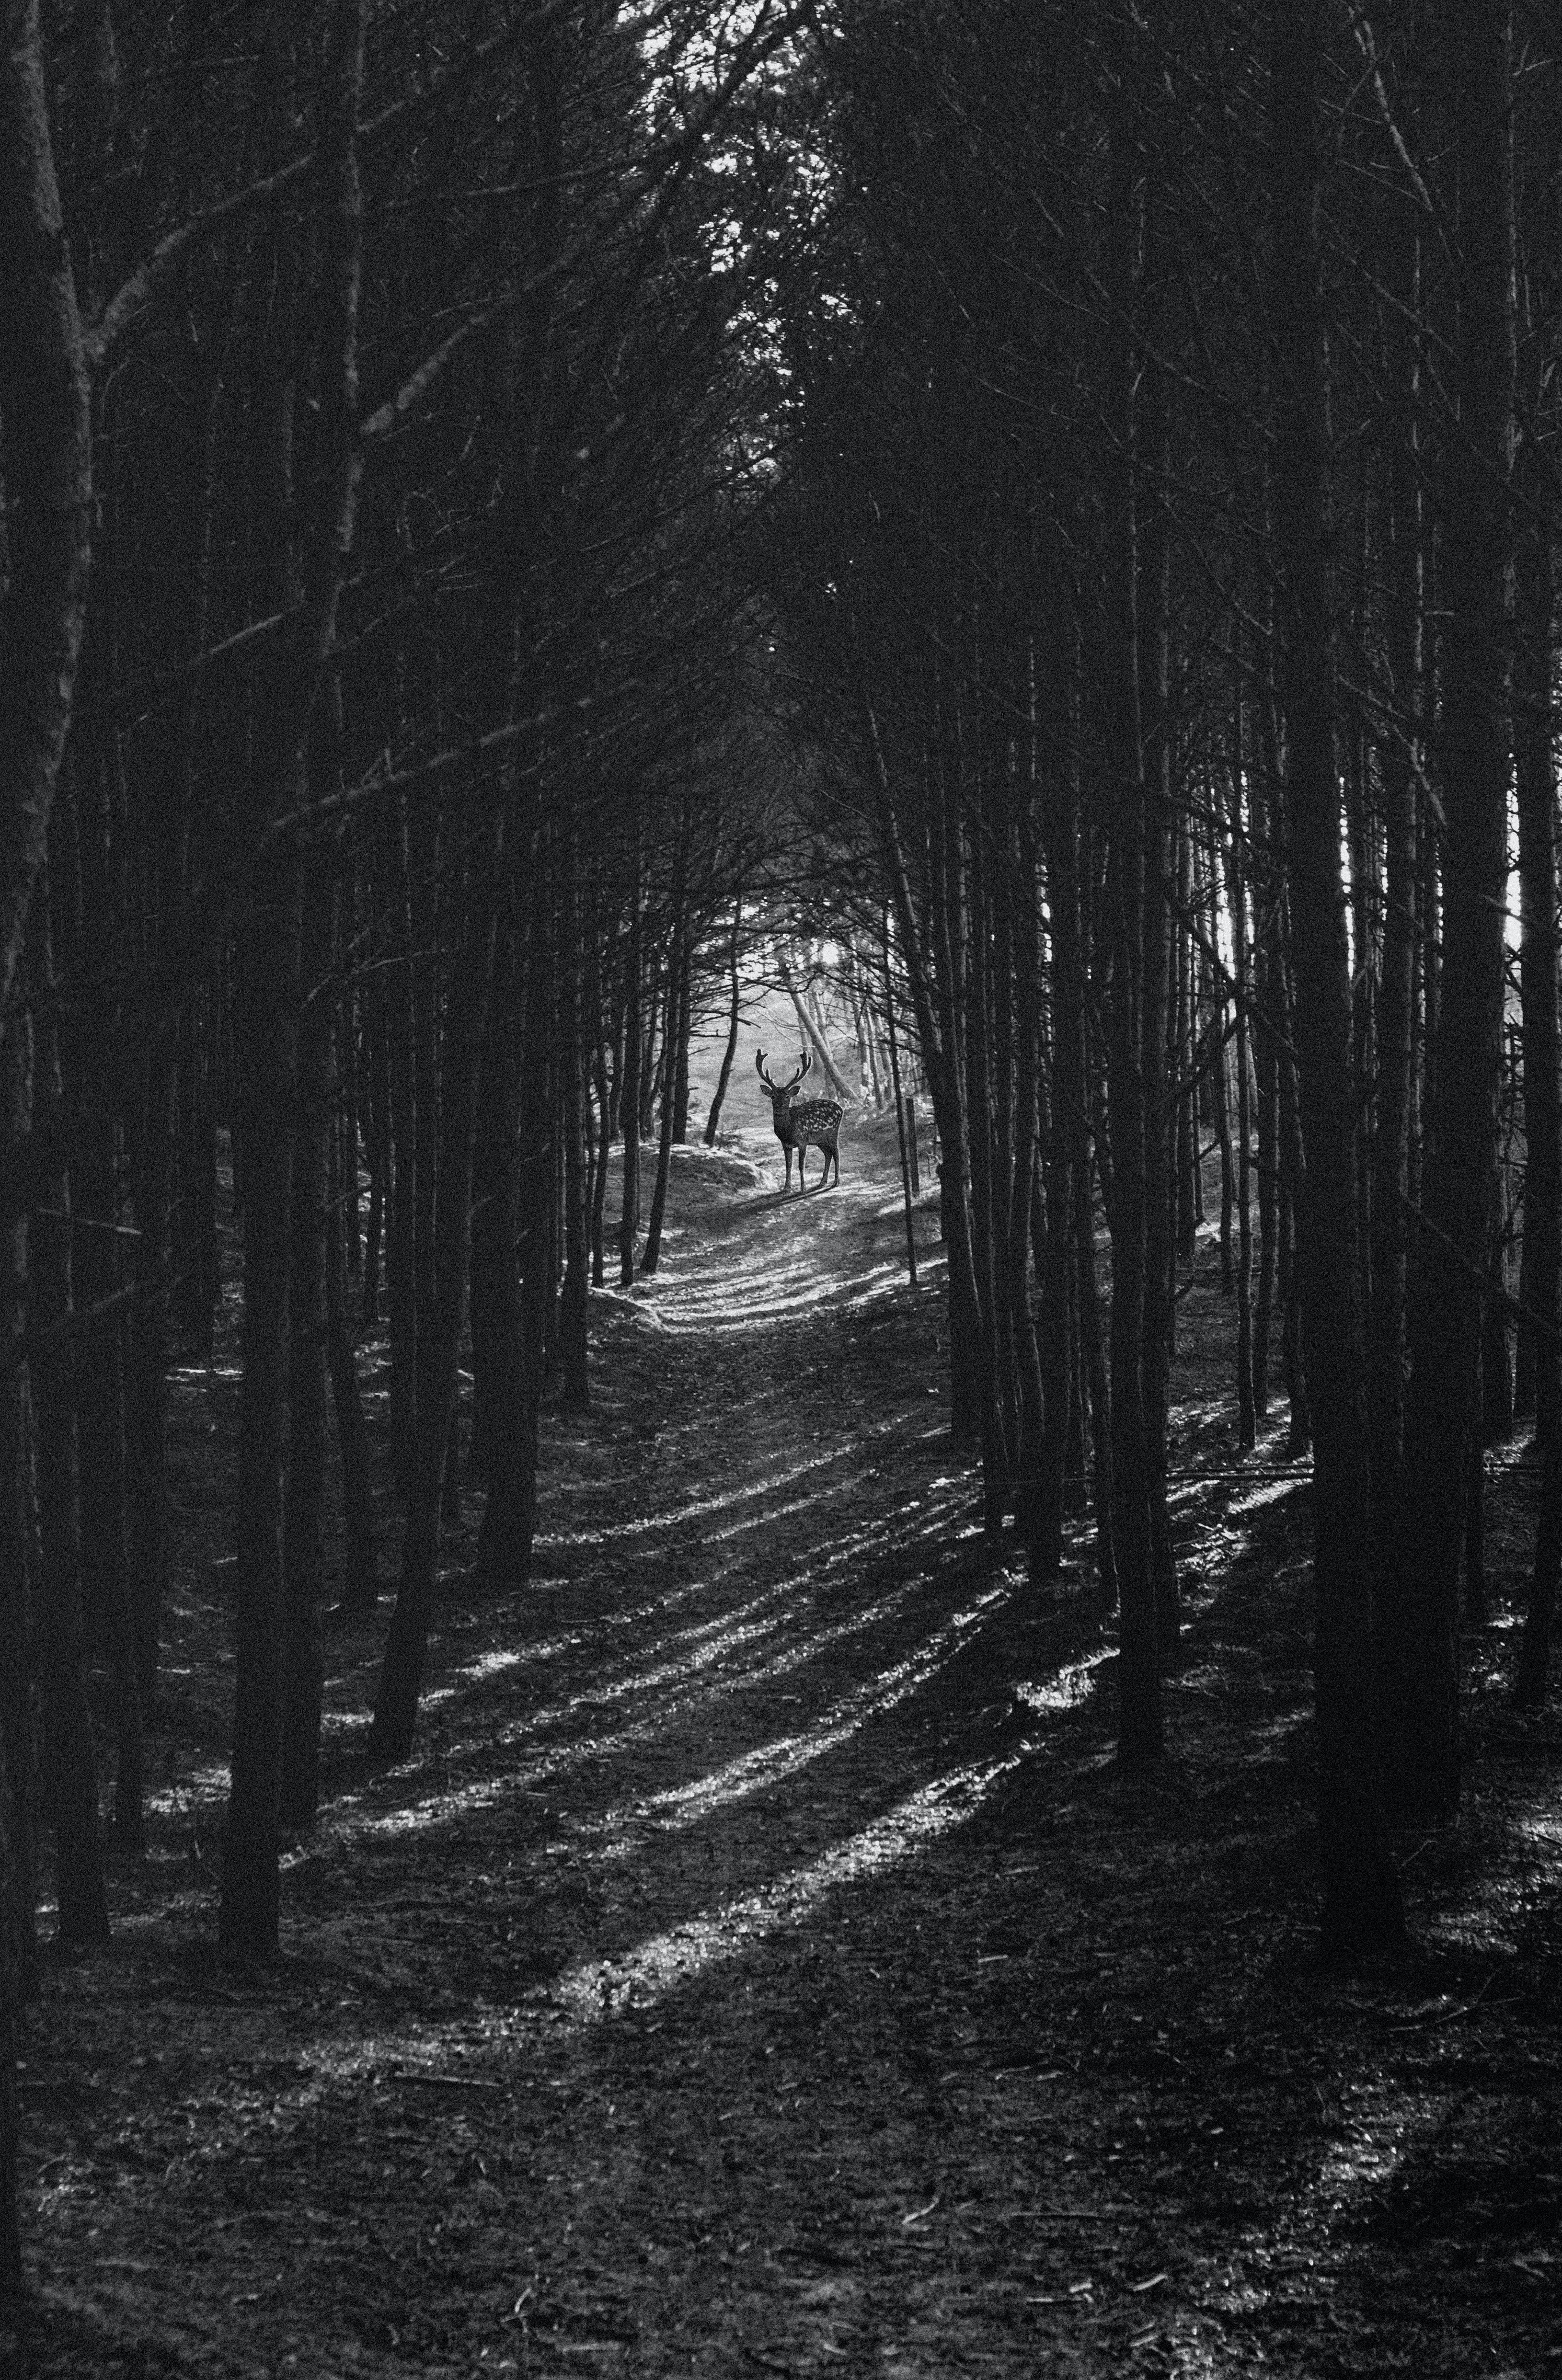 검은색, 바탕화면, 사슴, 숲의 무료 스톡 사진